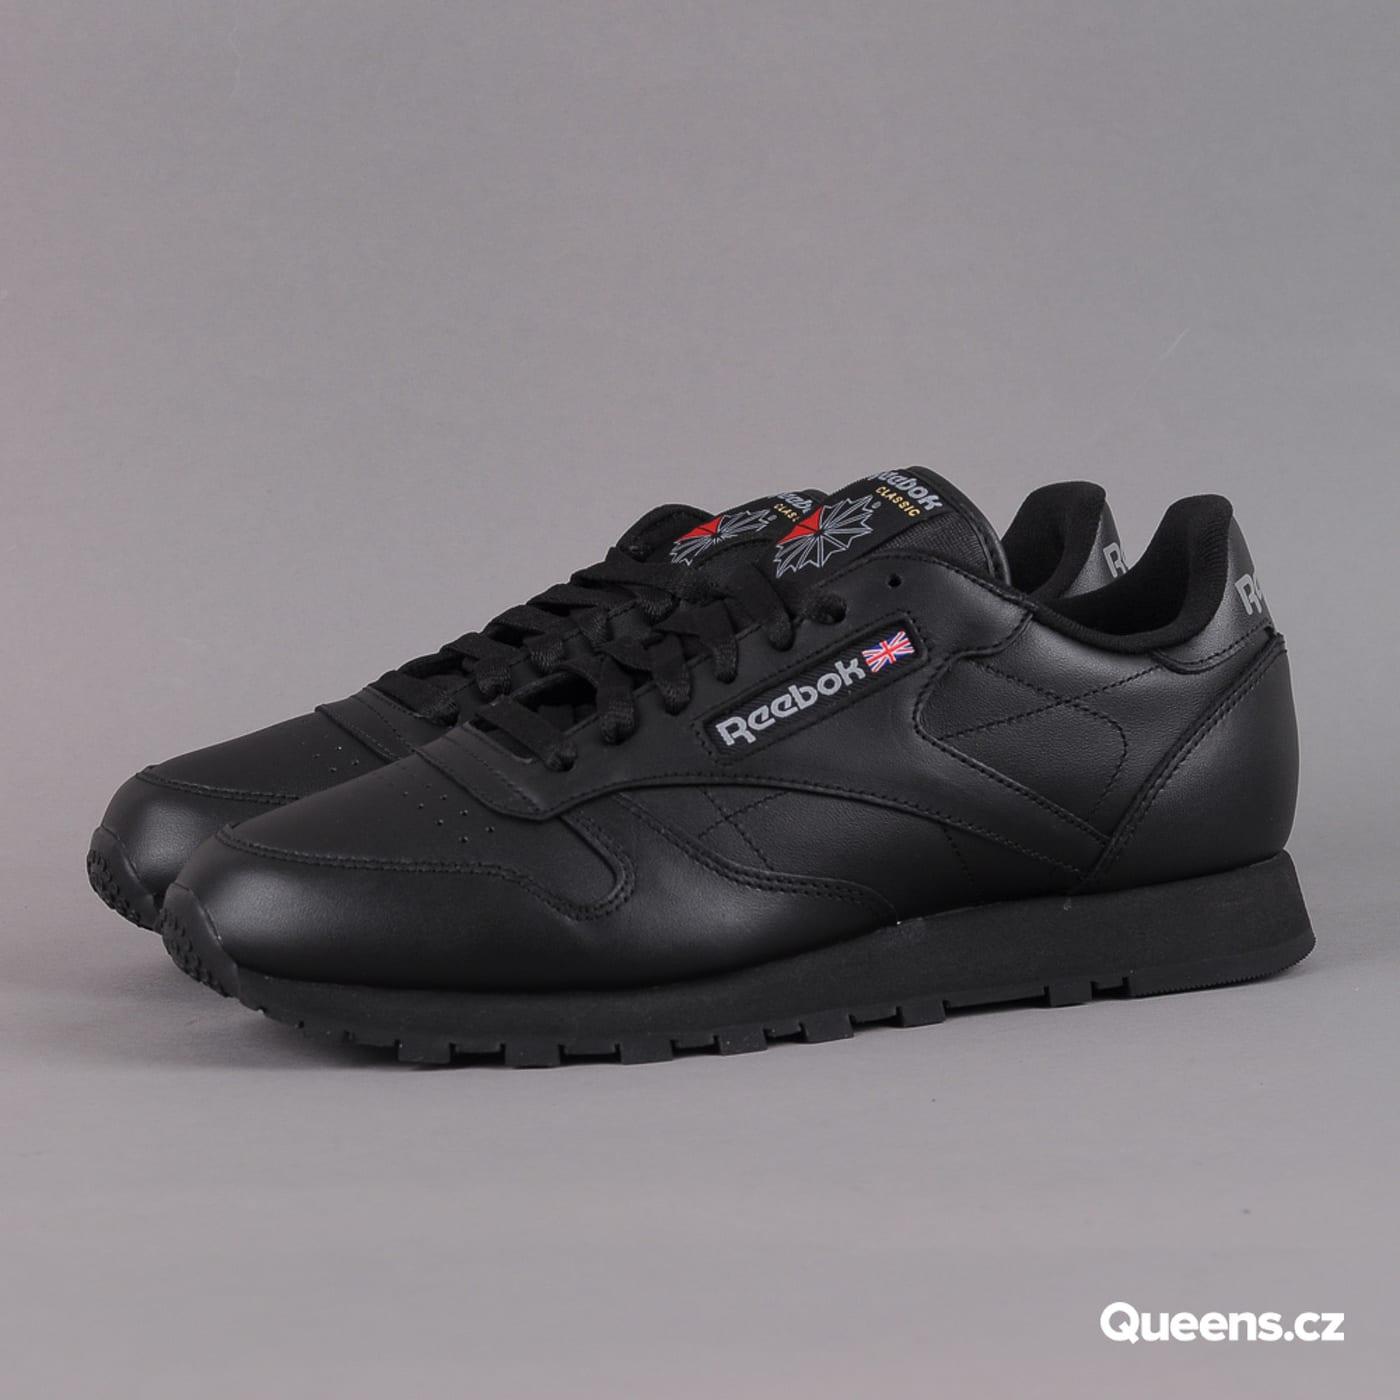 Reebok Classic Leather W schwarz